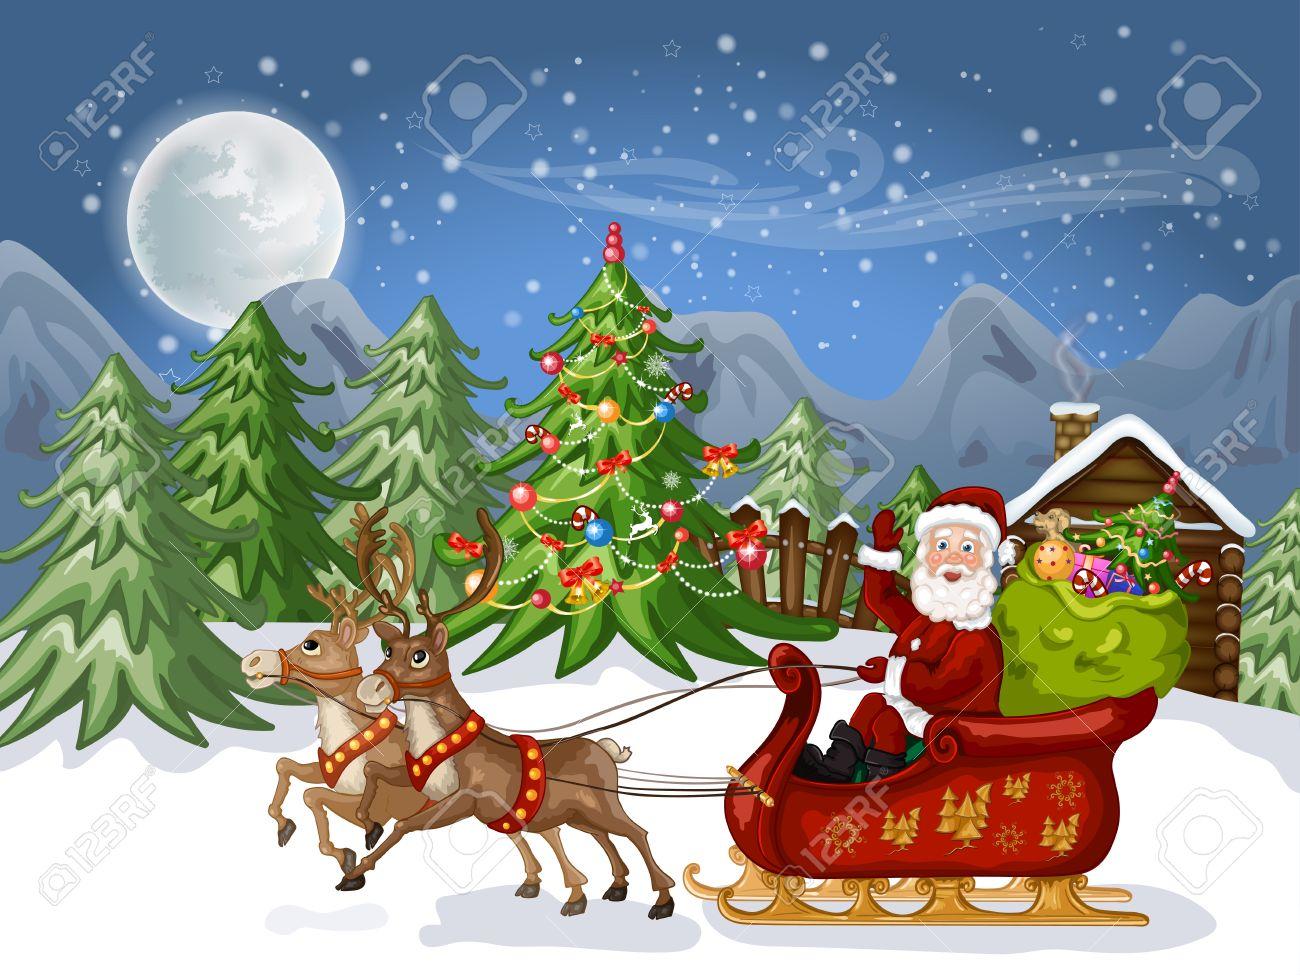 Photo De Noel Drole.Carte Joyeux Noël Illustration D Une Bande Dessinée Drôle Père Noël Et Bonhomme De Neige